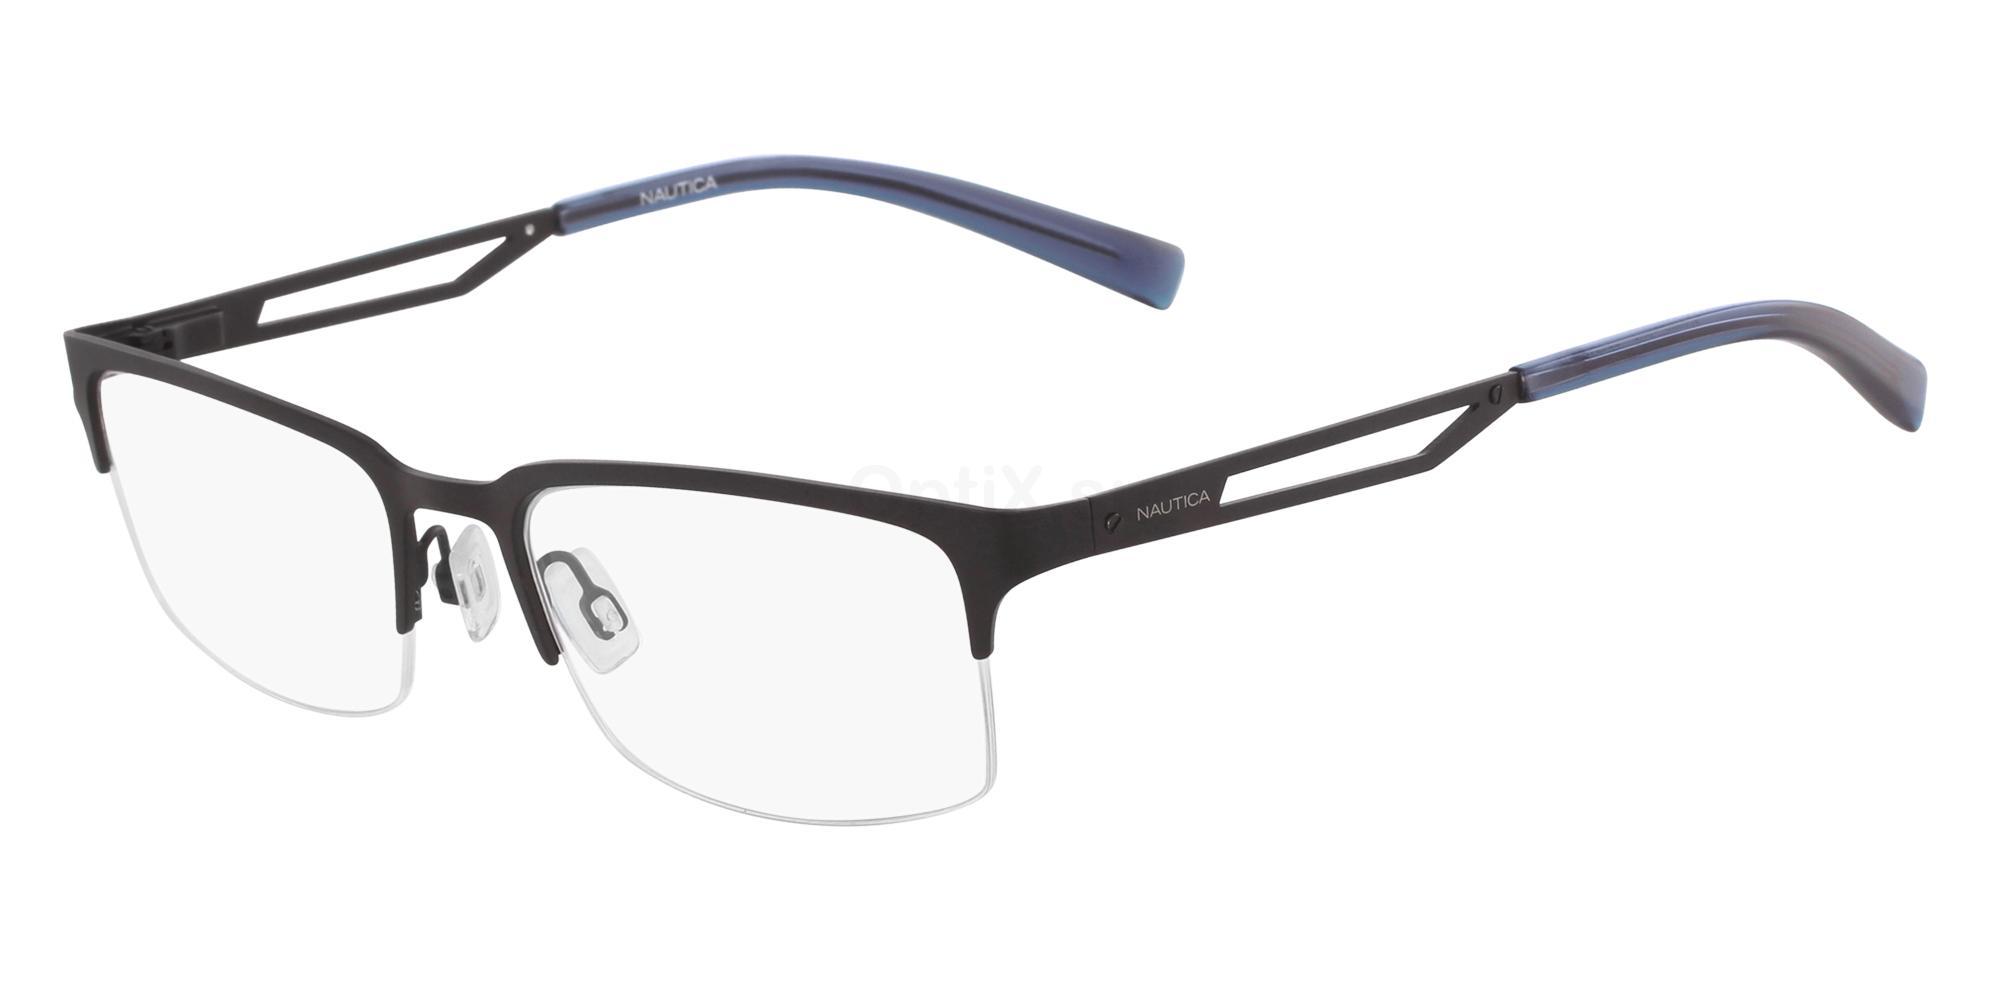 420 N7294 Glasses, Nautica